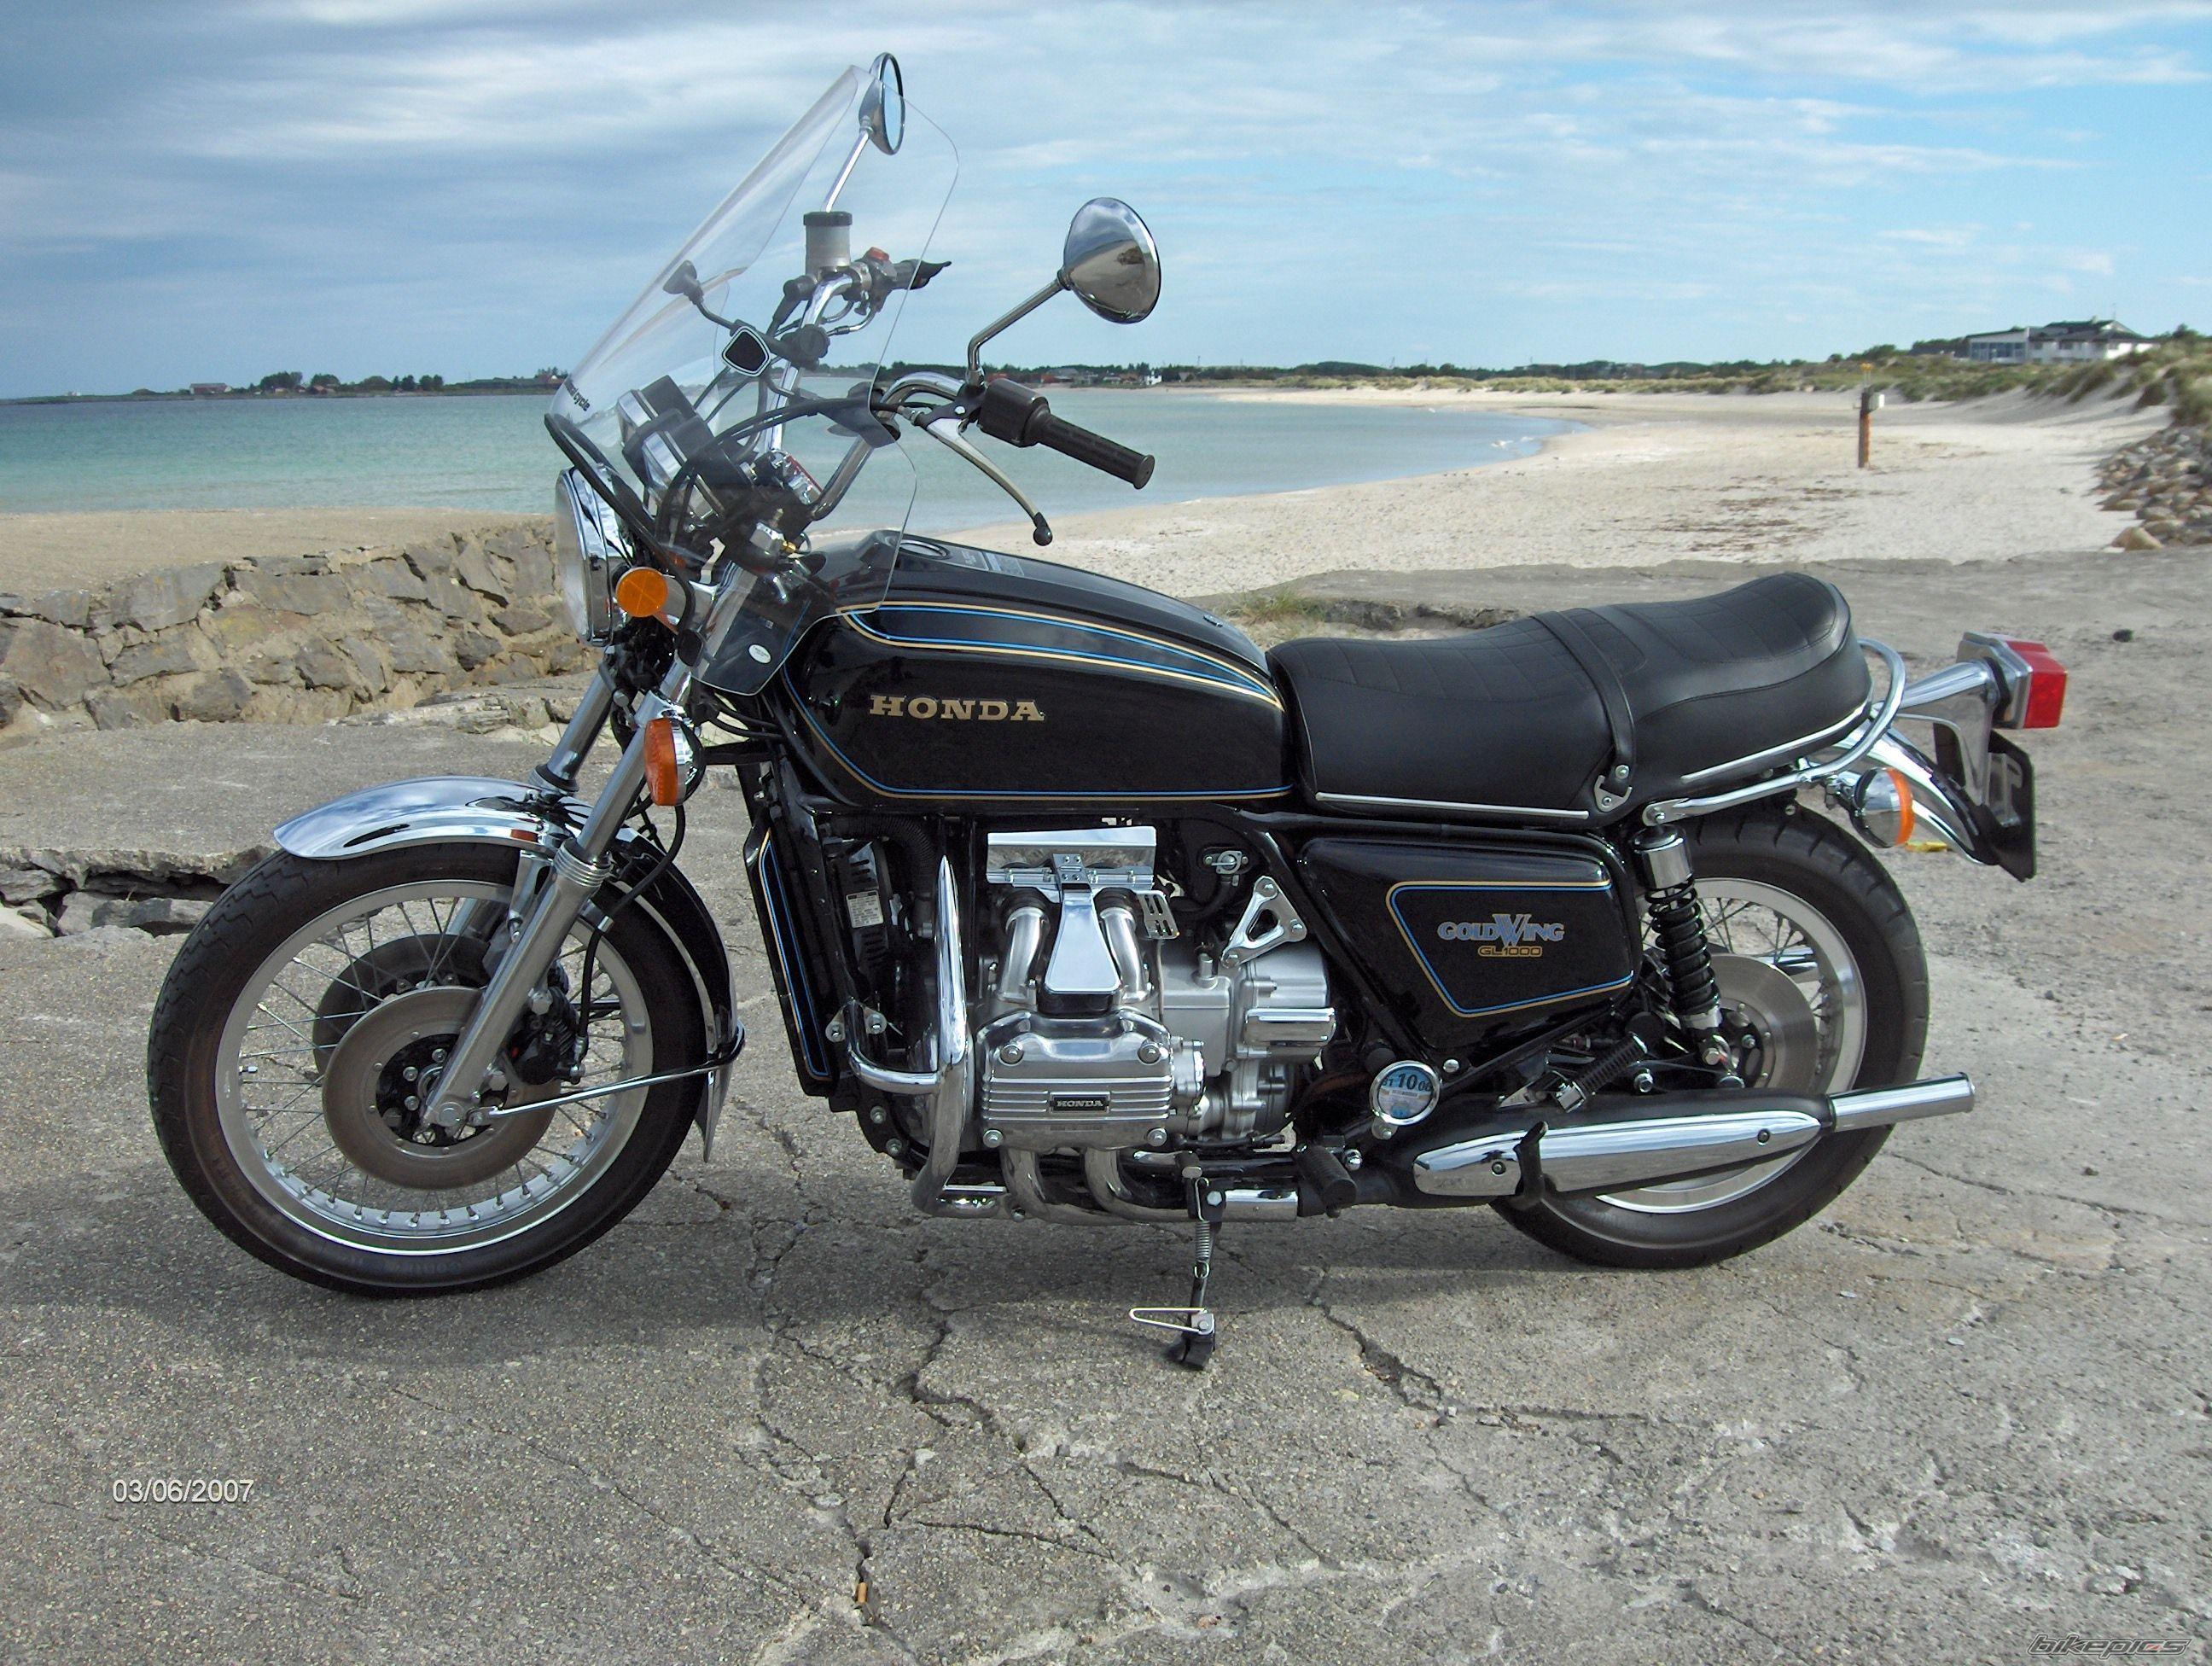 1977 Honda Gold Wing GL1000 with carburetor / spark plug